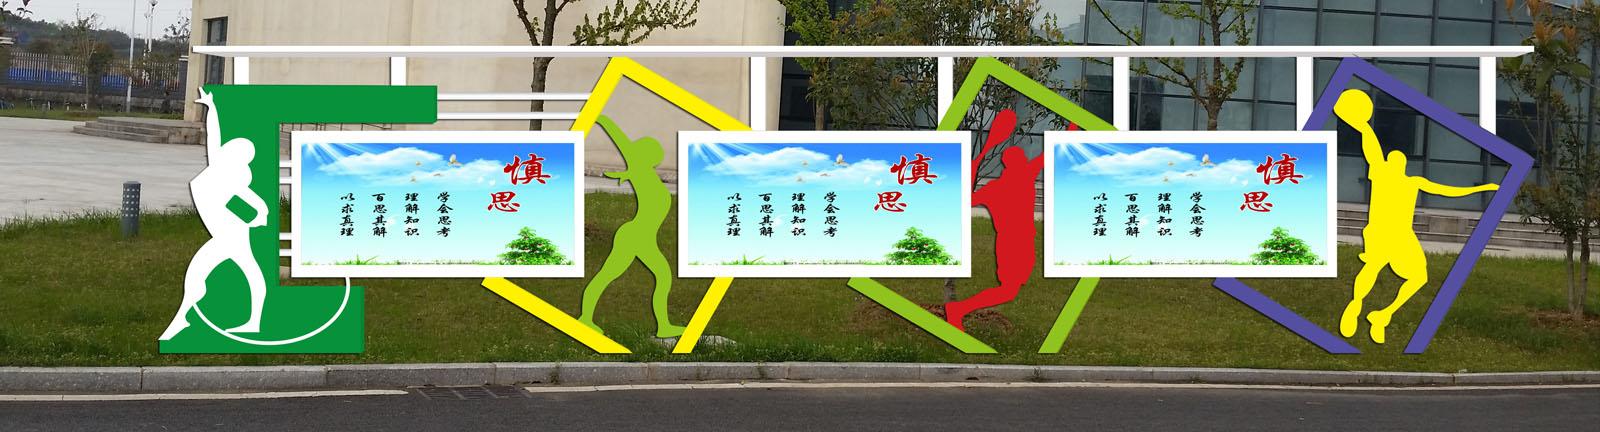 德阳公交候车亭